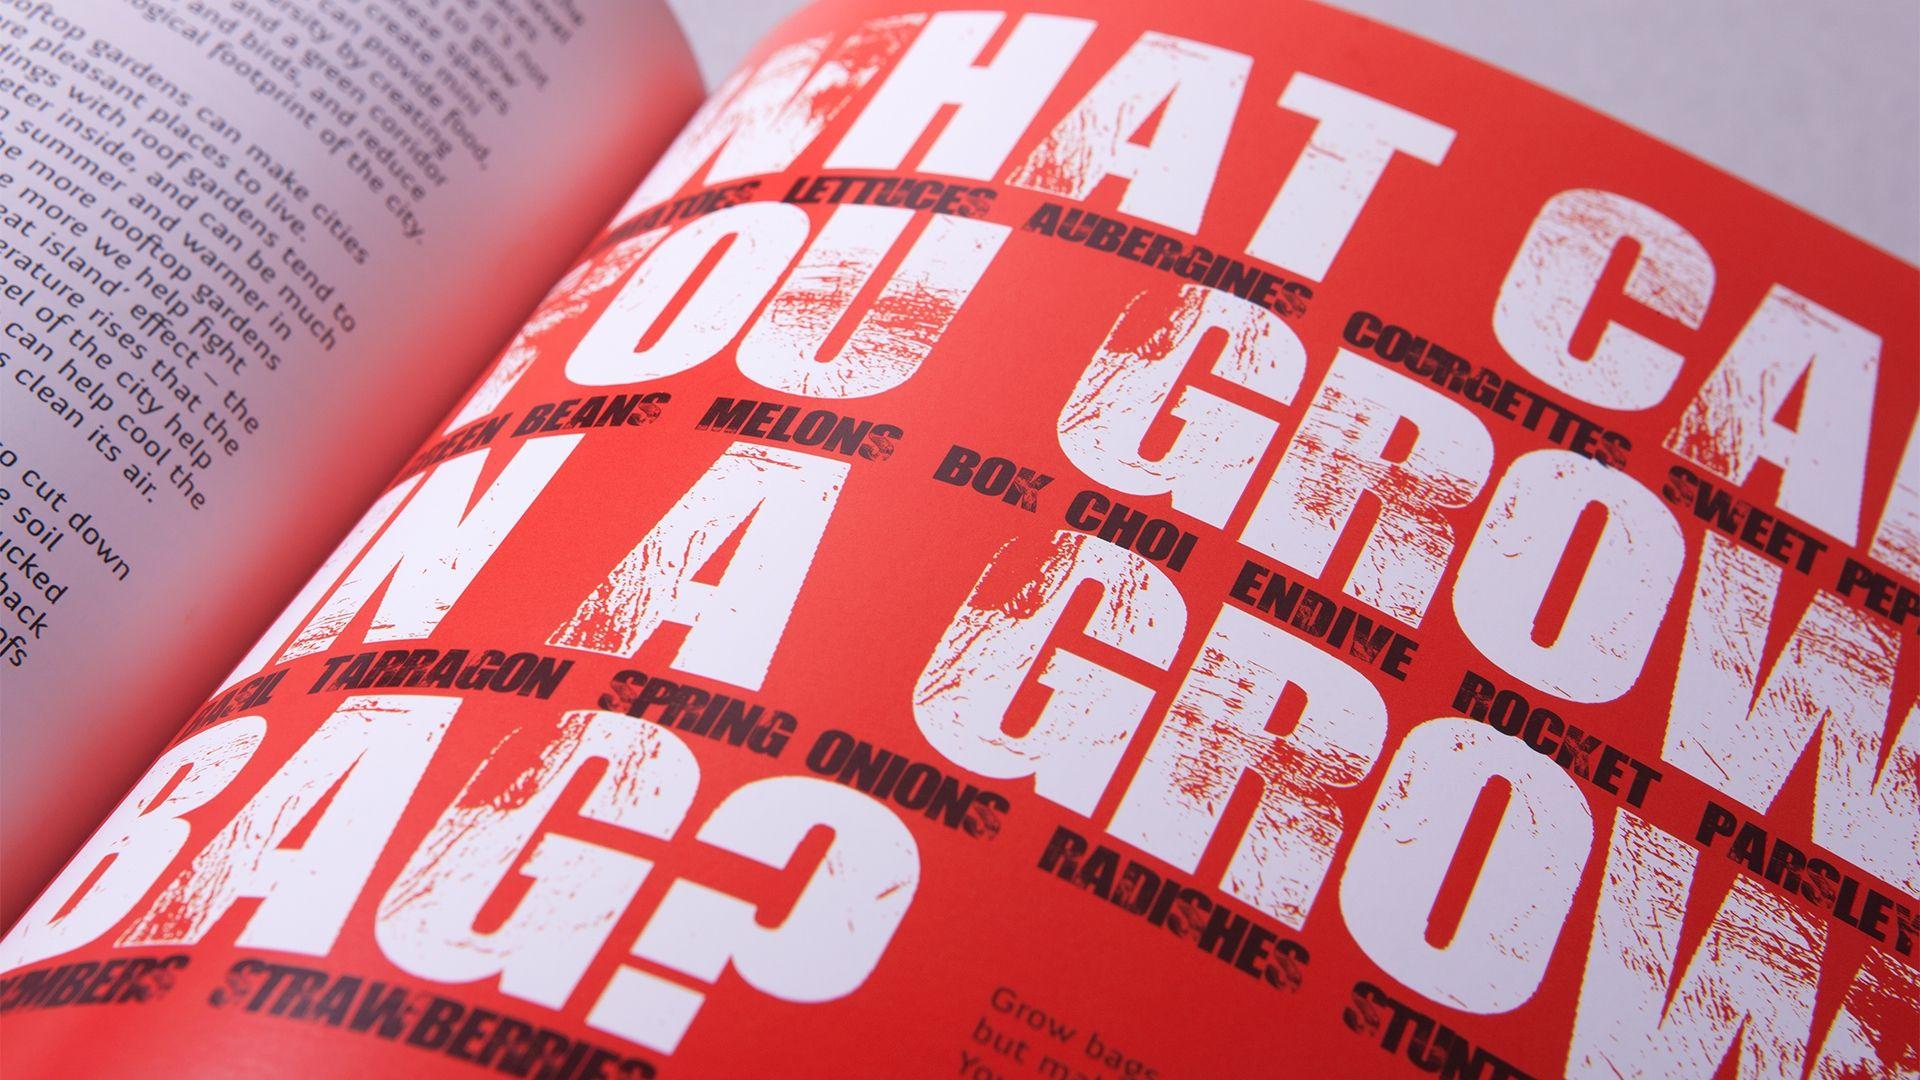 Soil Association Stuffed Book Typeface Detail